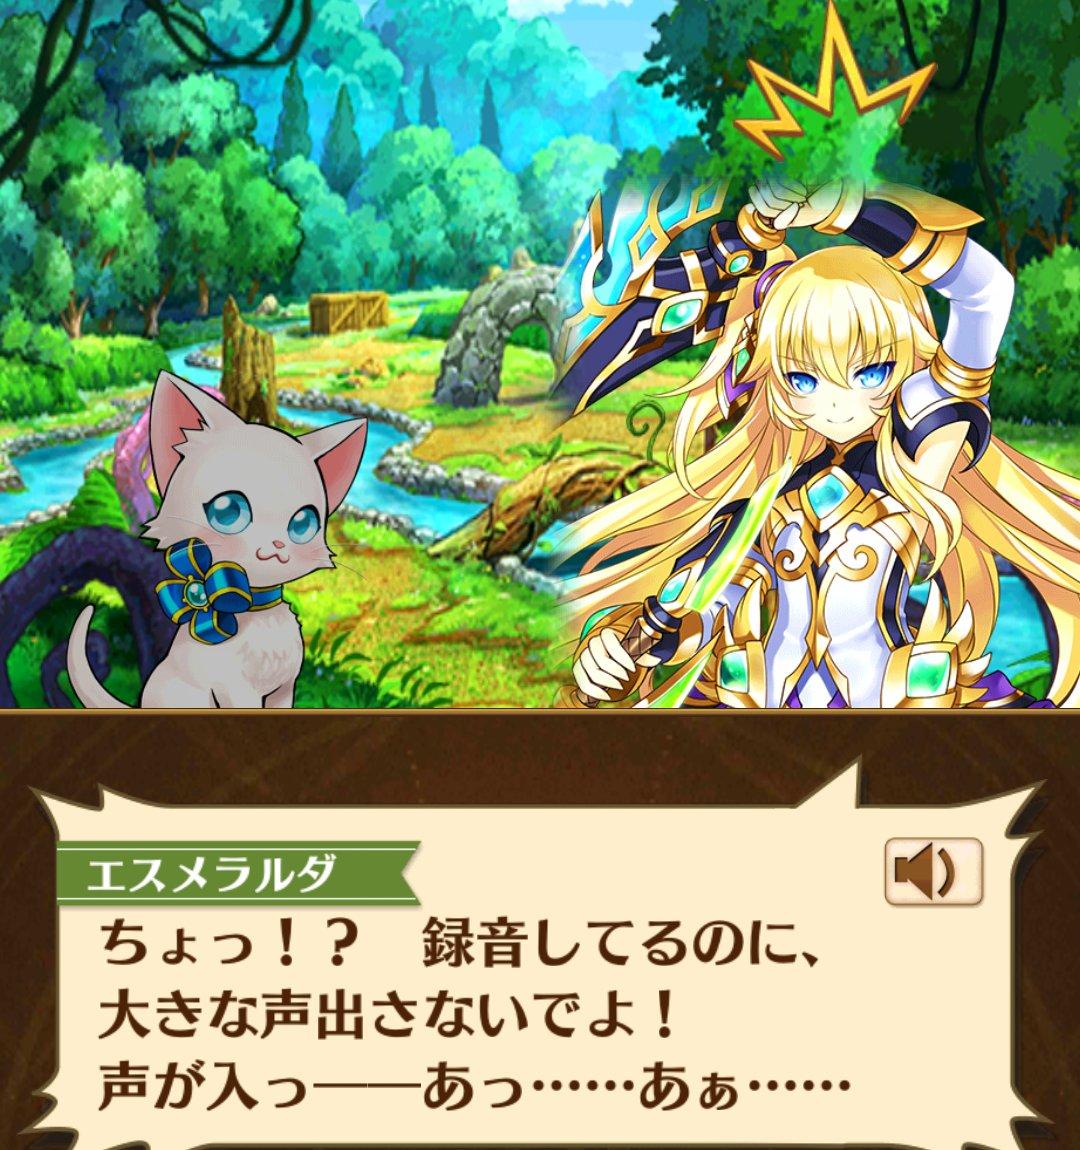 【白猫】モノクロームイベントのエスメラルダが可愛すぎると話題に!意味深なセリフに変な妄想してしまう人が続出wwww【プロジェクト】